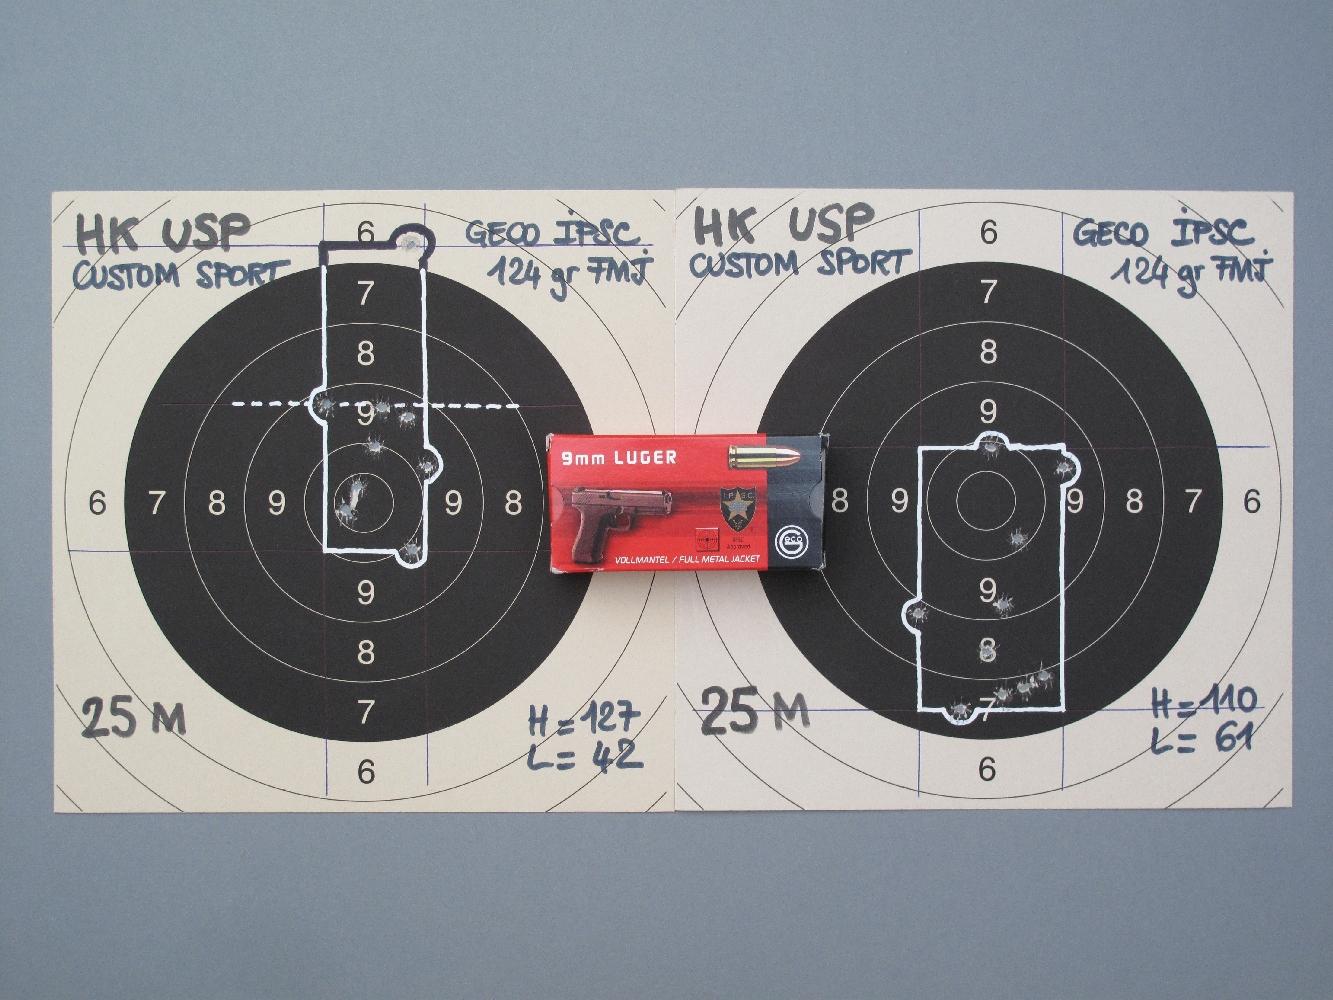 Ce contre test, réalisé avec les munitions IPSC manufacturées par Geco, tend à démontrer que les flyers ne proviennent pas d'un défaut de l'arme ou de la munition, mais plutôt des effets du hasard combinés avec la précision globale de l'arme. Si le second groupement est meilleur, plus homogène parce qu'il ne comporte aucun flyer, il n'est pas pour autant à l'image des 9 impacts extrêmement serrés du premier groupement.